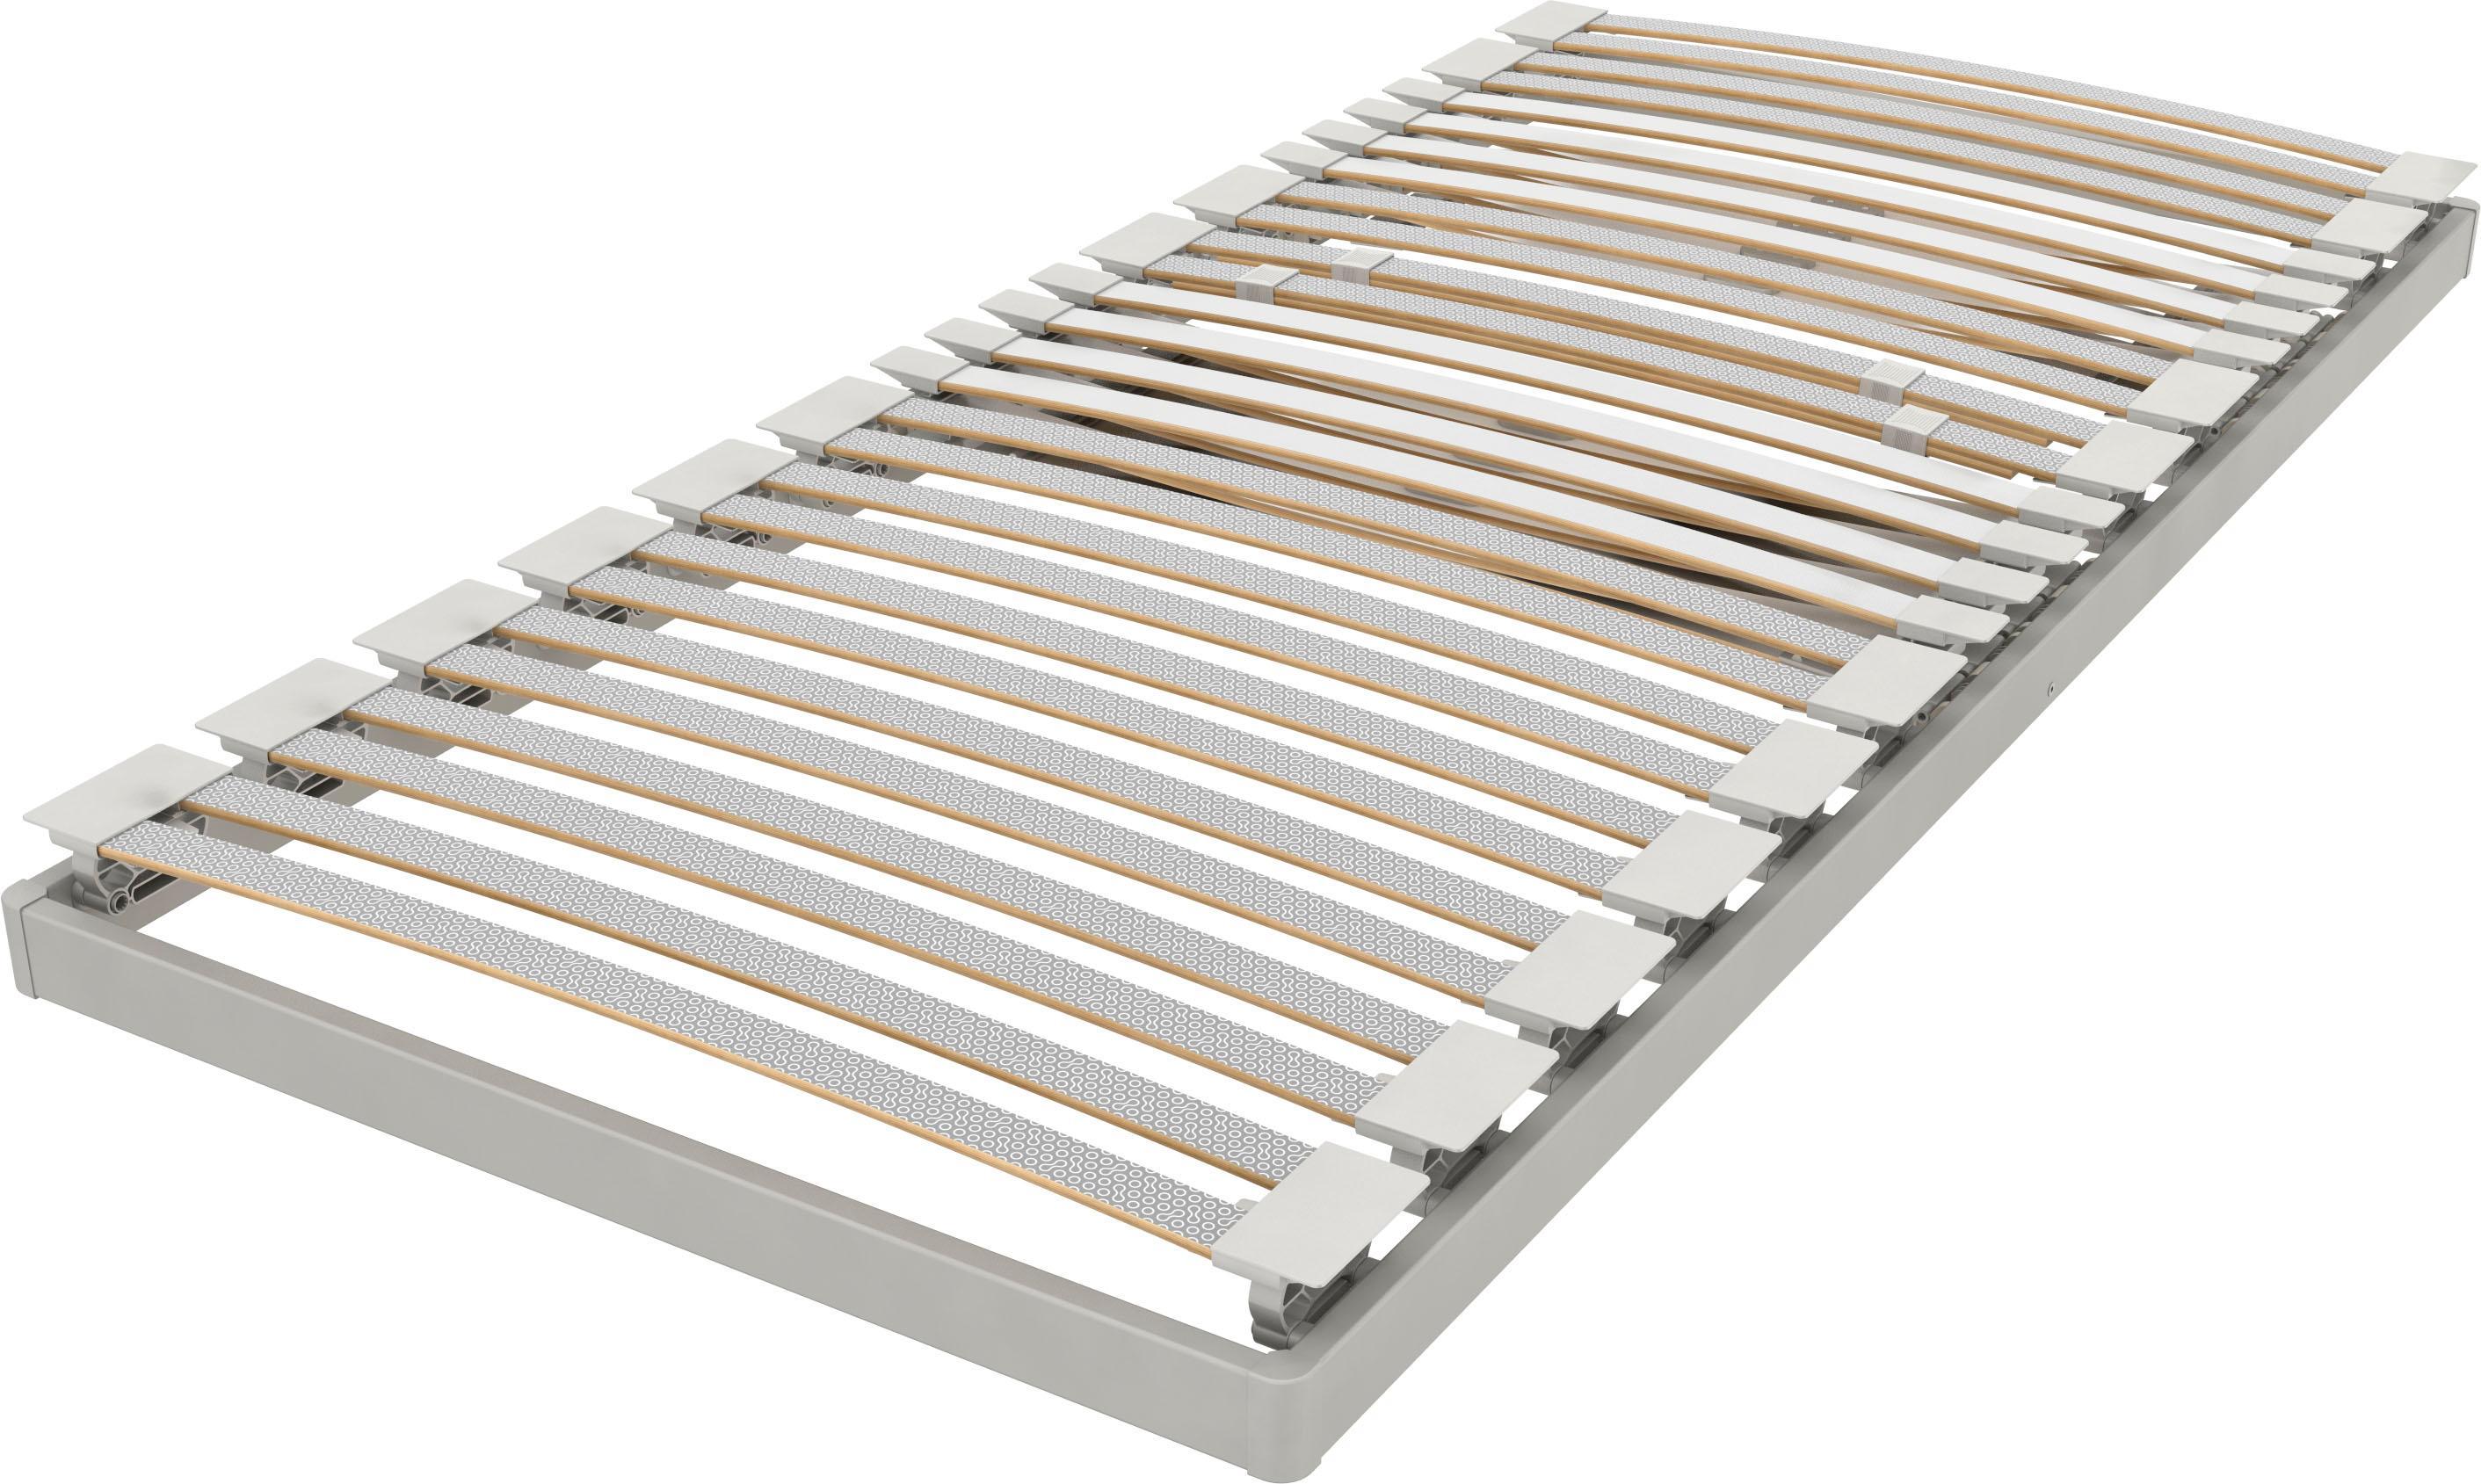 Lattenrost Platin 28 Plus NV Schlaraffia Kopfteil nicht verstellbar | Schlafzimmer > Lattenroste > Unverstellbare Lattenroste | Grau | Schlaraffia